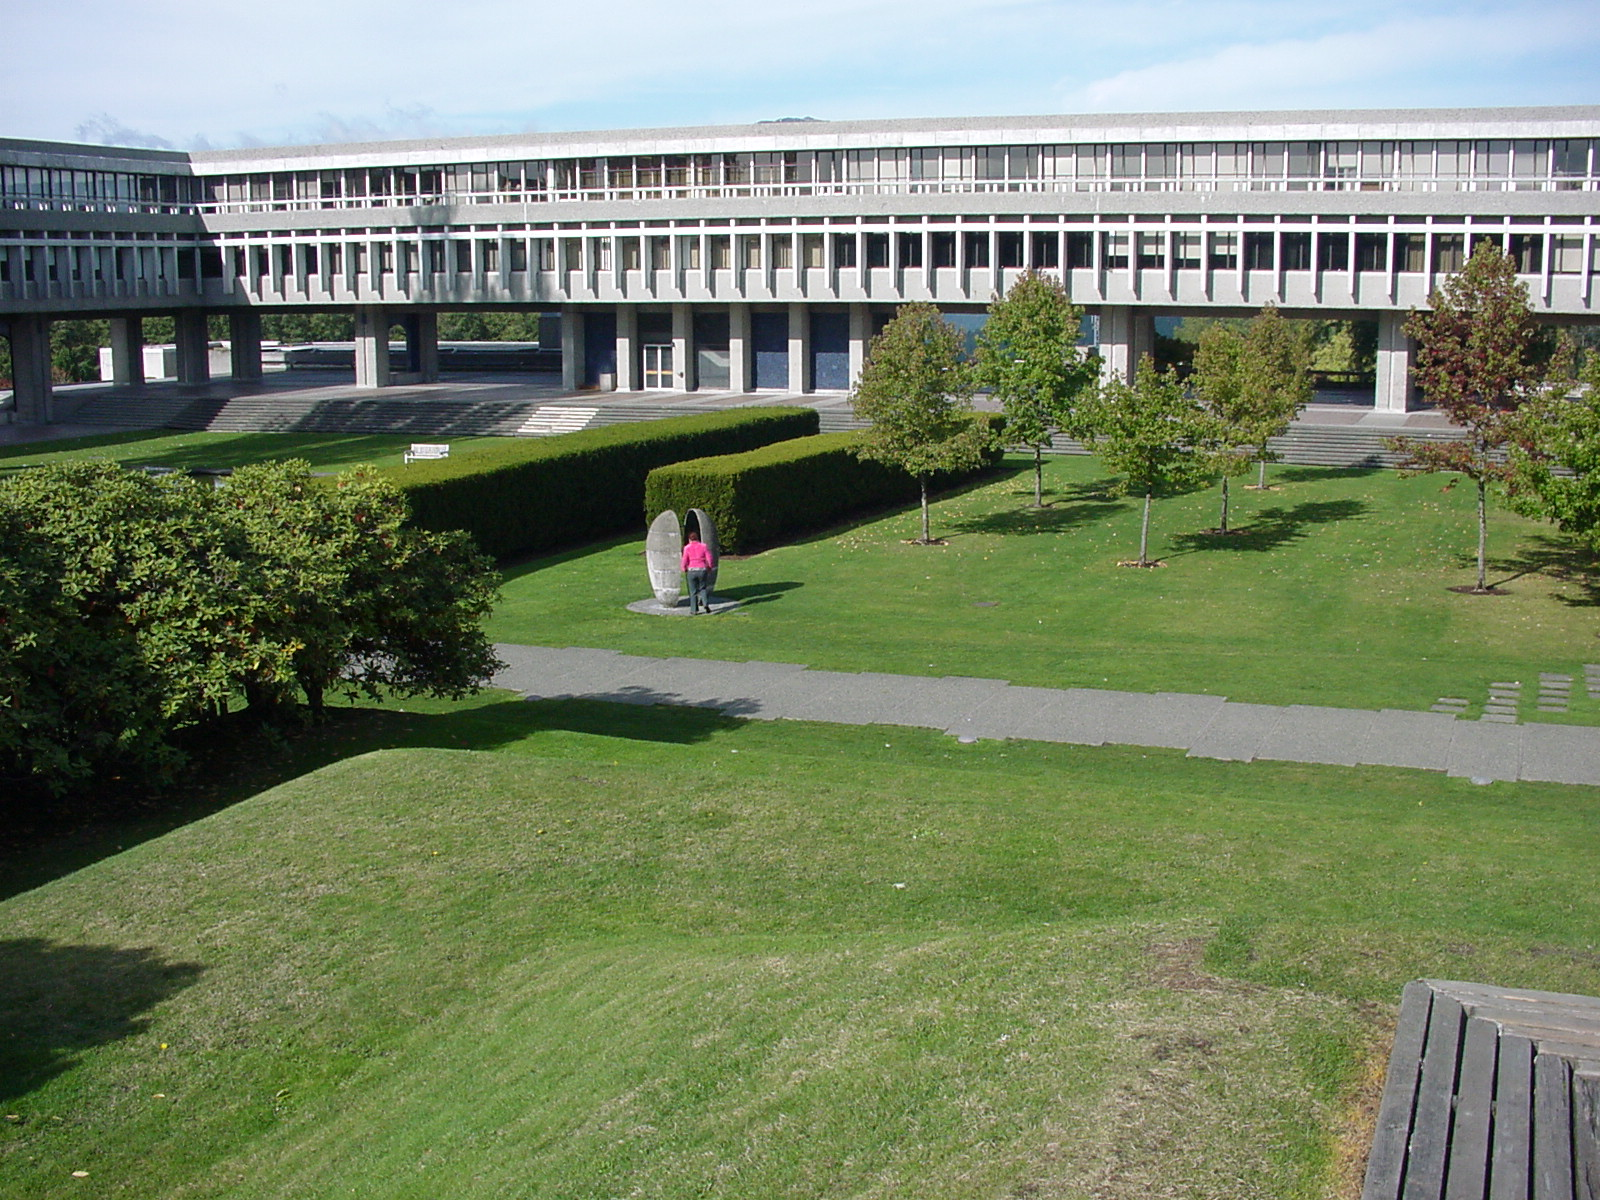 image of Simon Fraser University